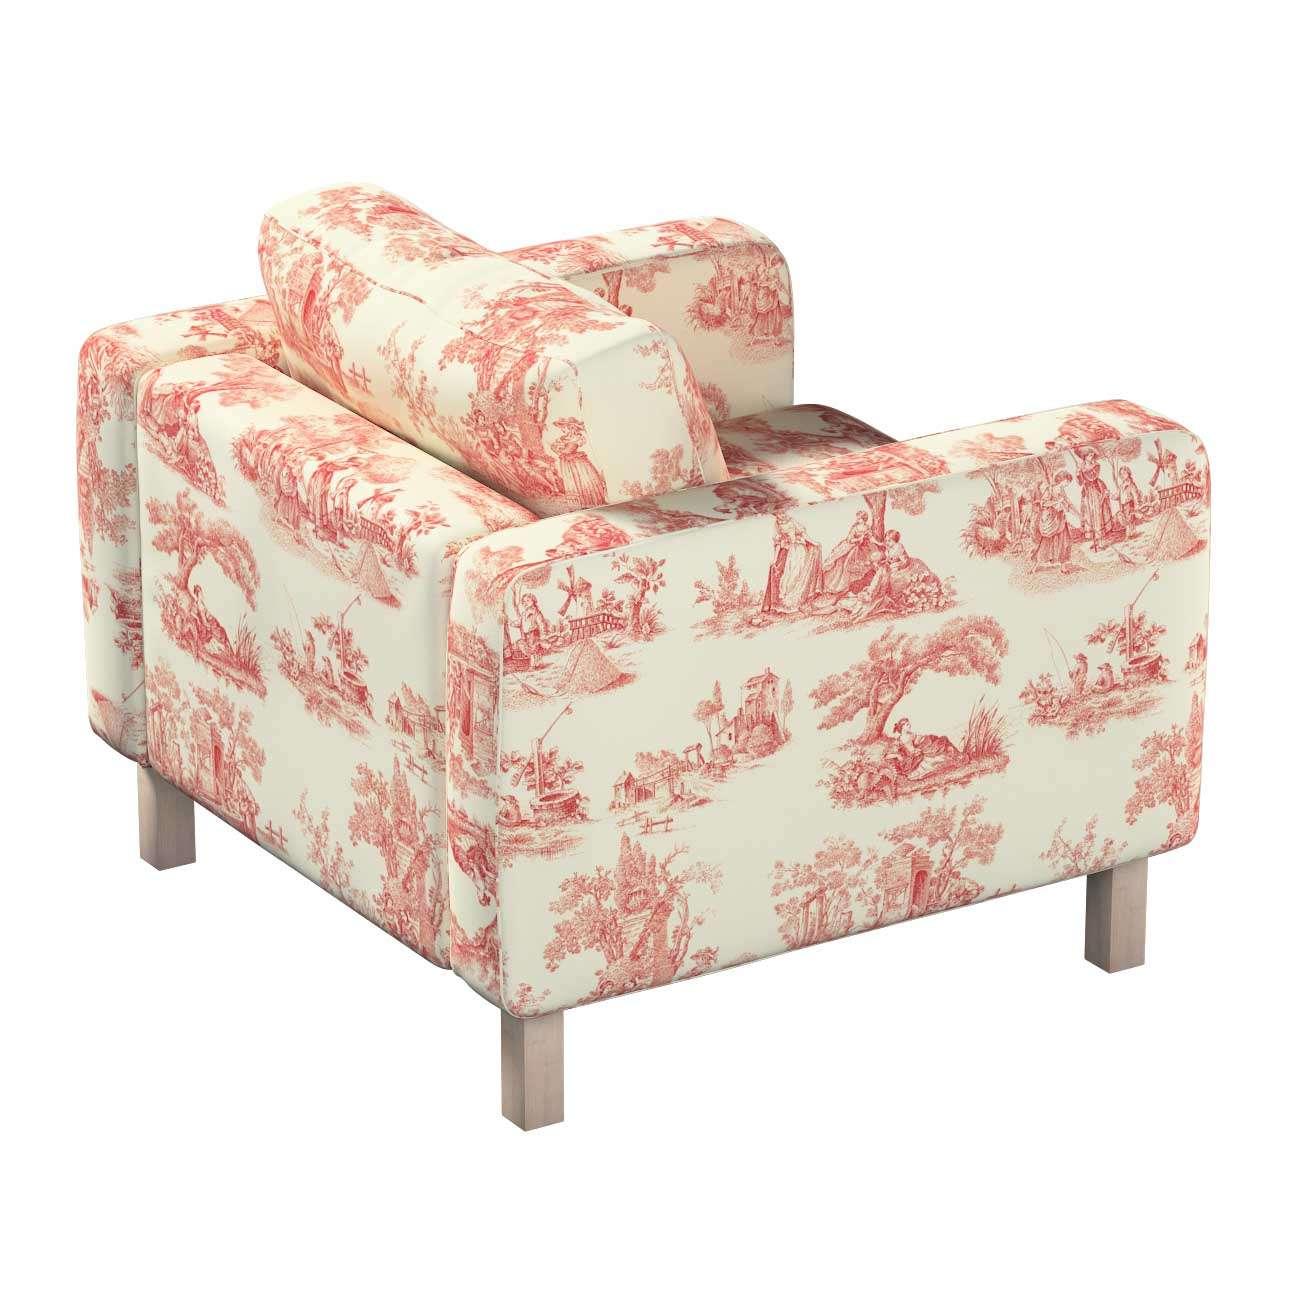 Pokrowiec na fotel Karlstad, krótki w kolekcji Avinon, tkanina: 132-15